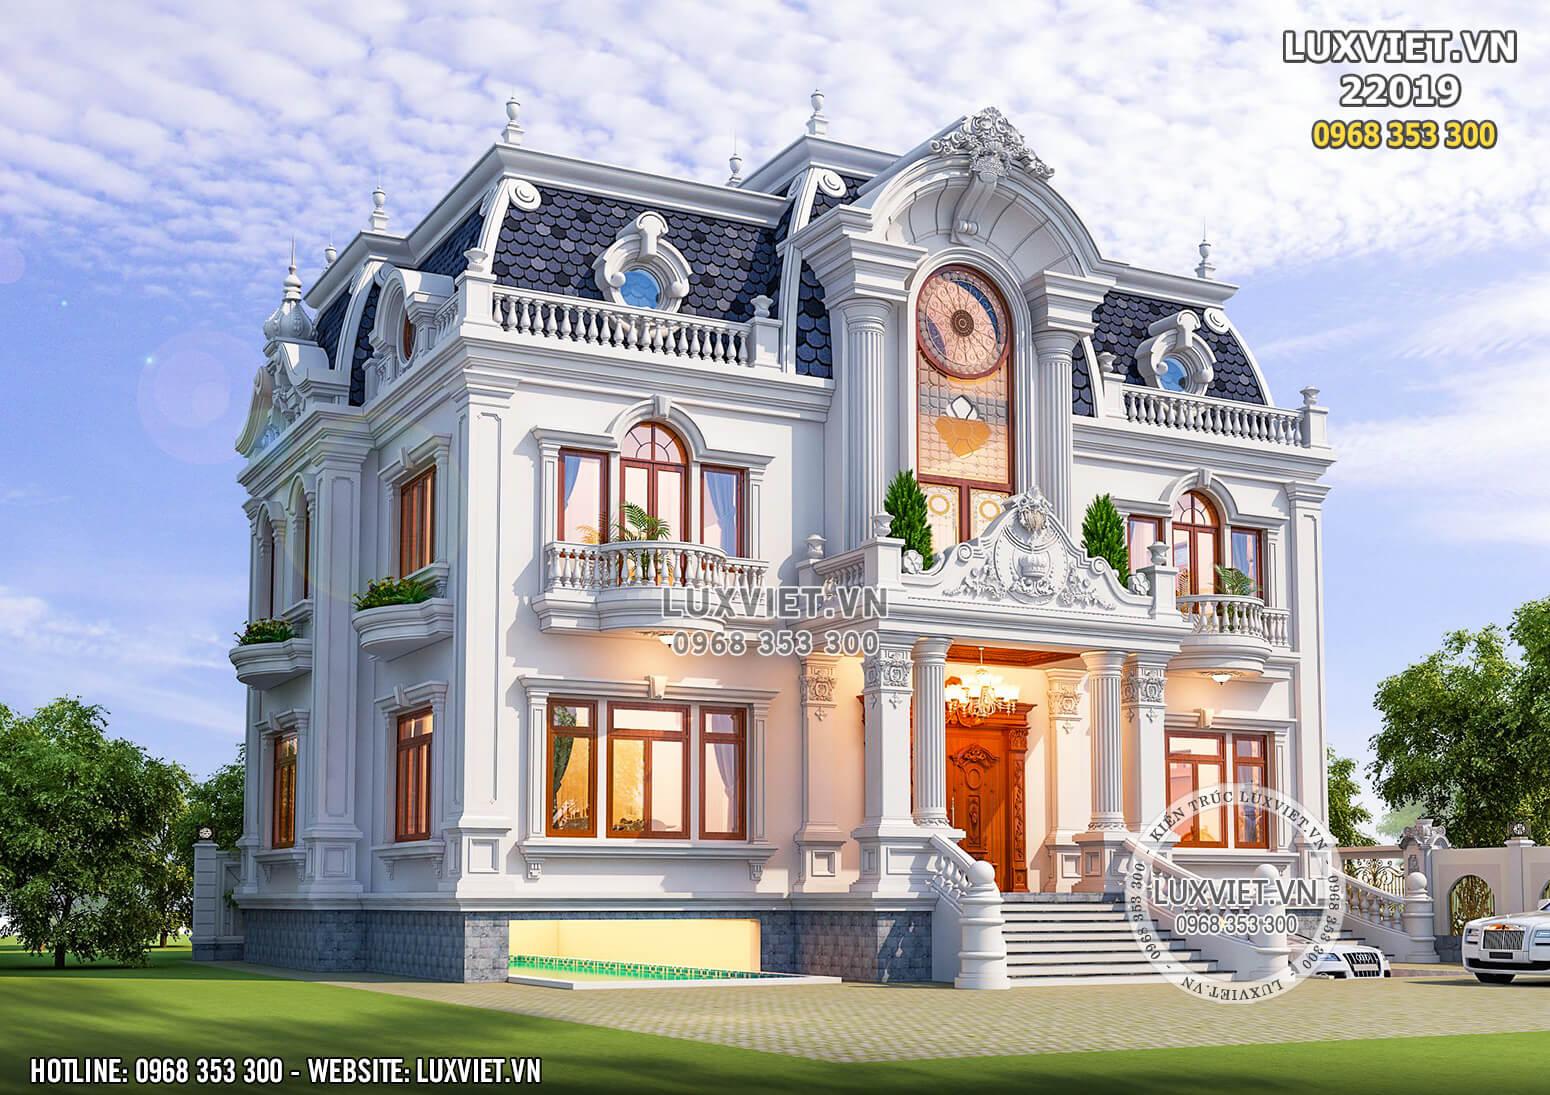 Hình ảnh: Giải pháp kiến trúc cho mẫu biệt thự 2 tầng tân cổ điển tại LUXVIET - LV 22019